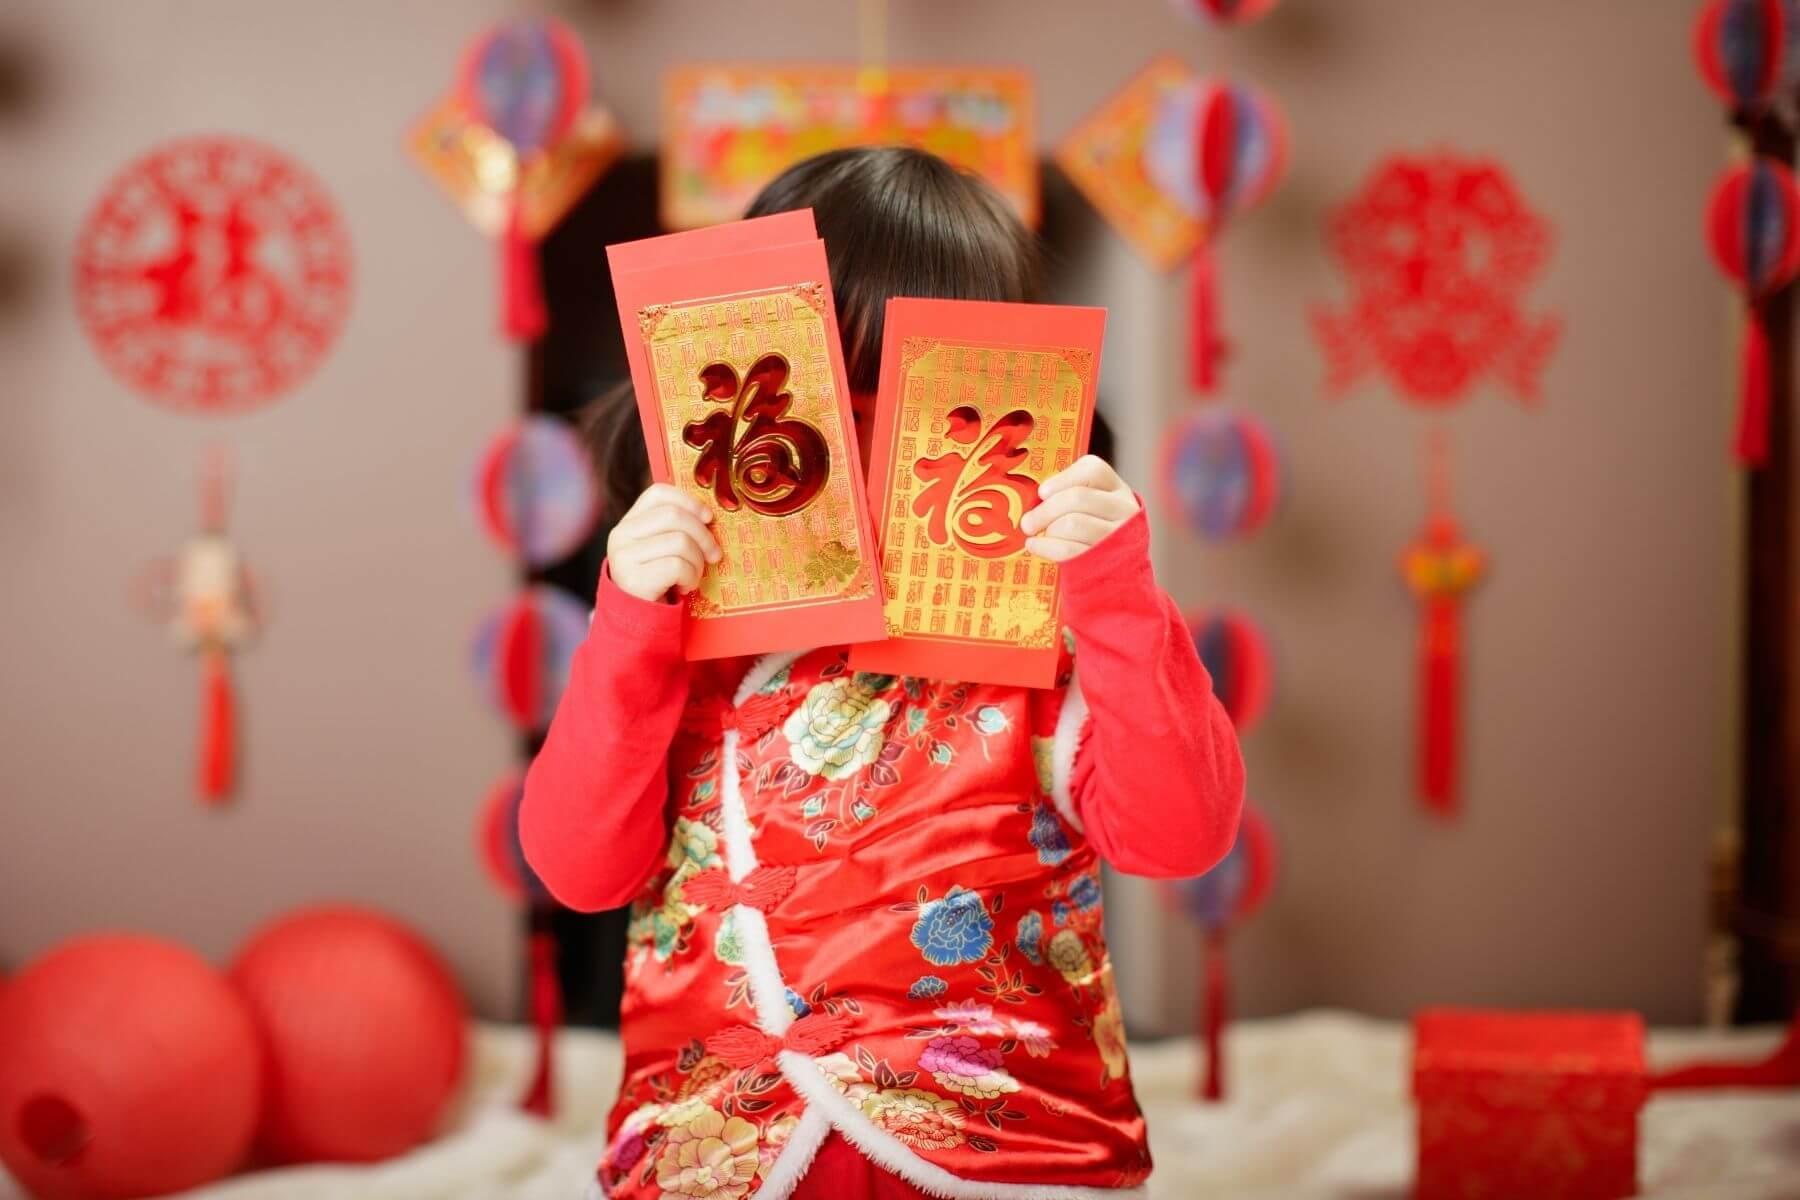 วันตรุษจีน 2564 แจกอั่งเปา